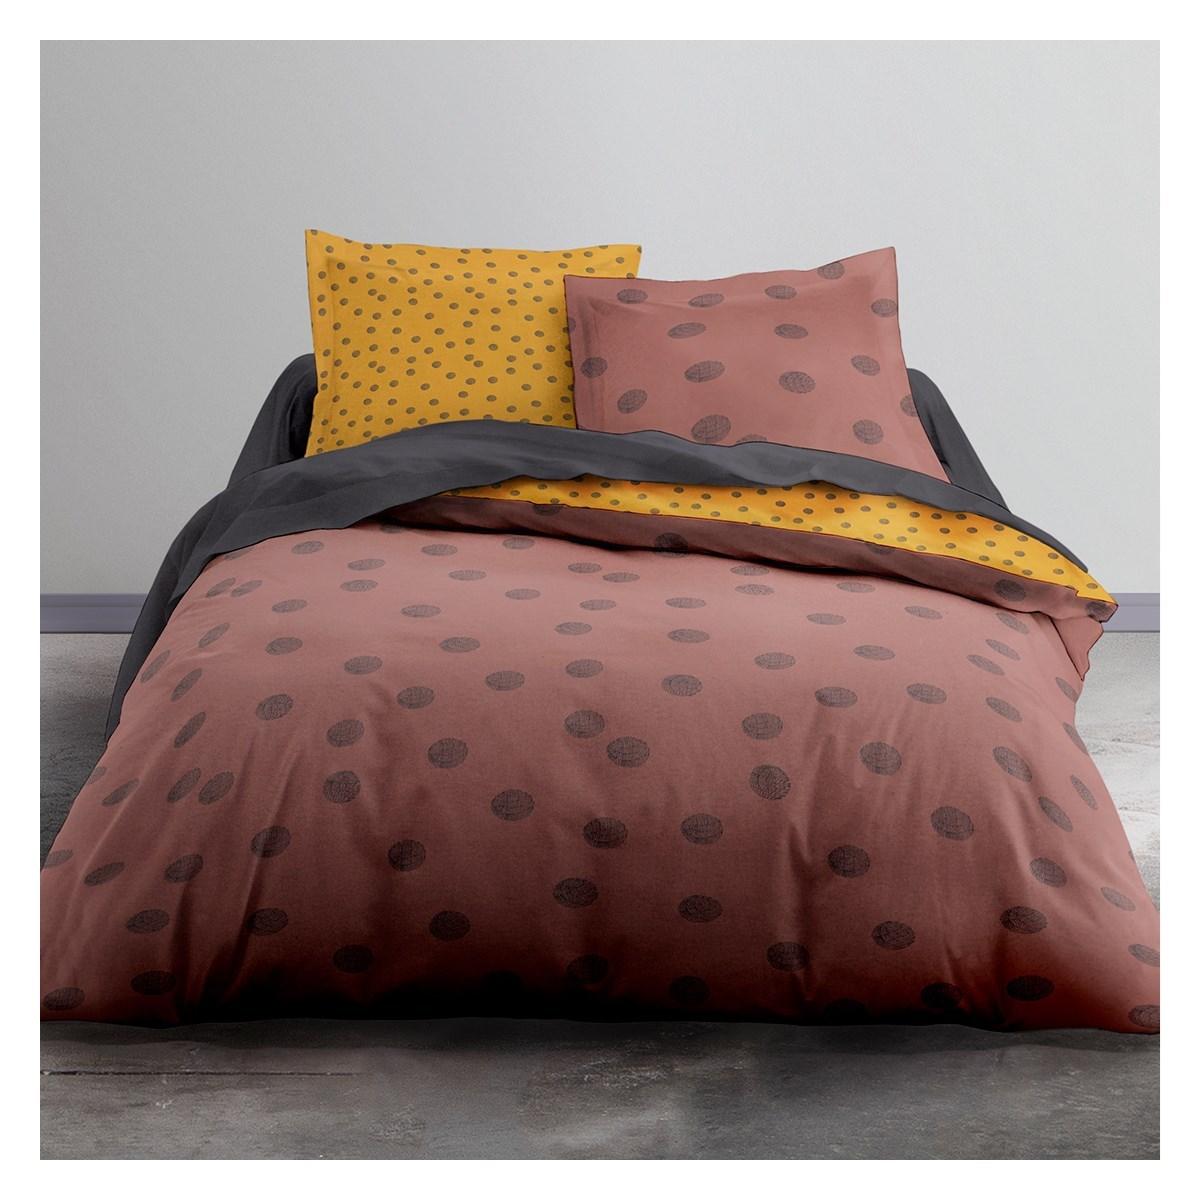 Parure de lit 2 personnes imprimé a pois en Polyester Rouge 220x240 cm